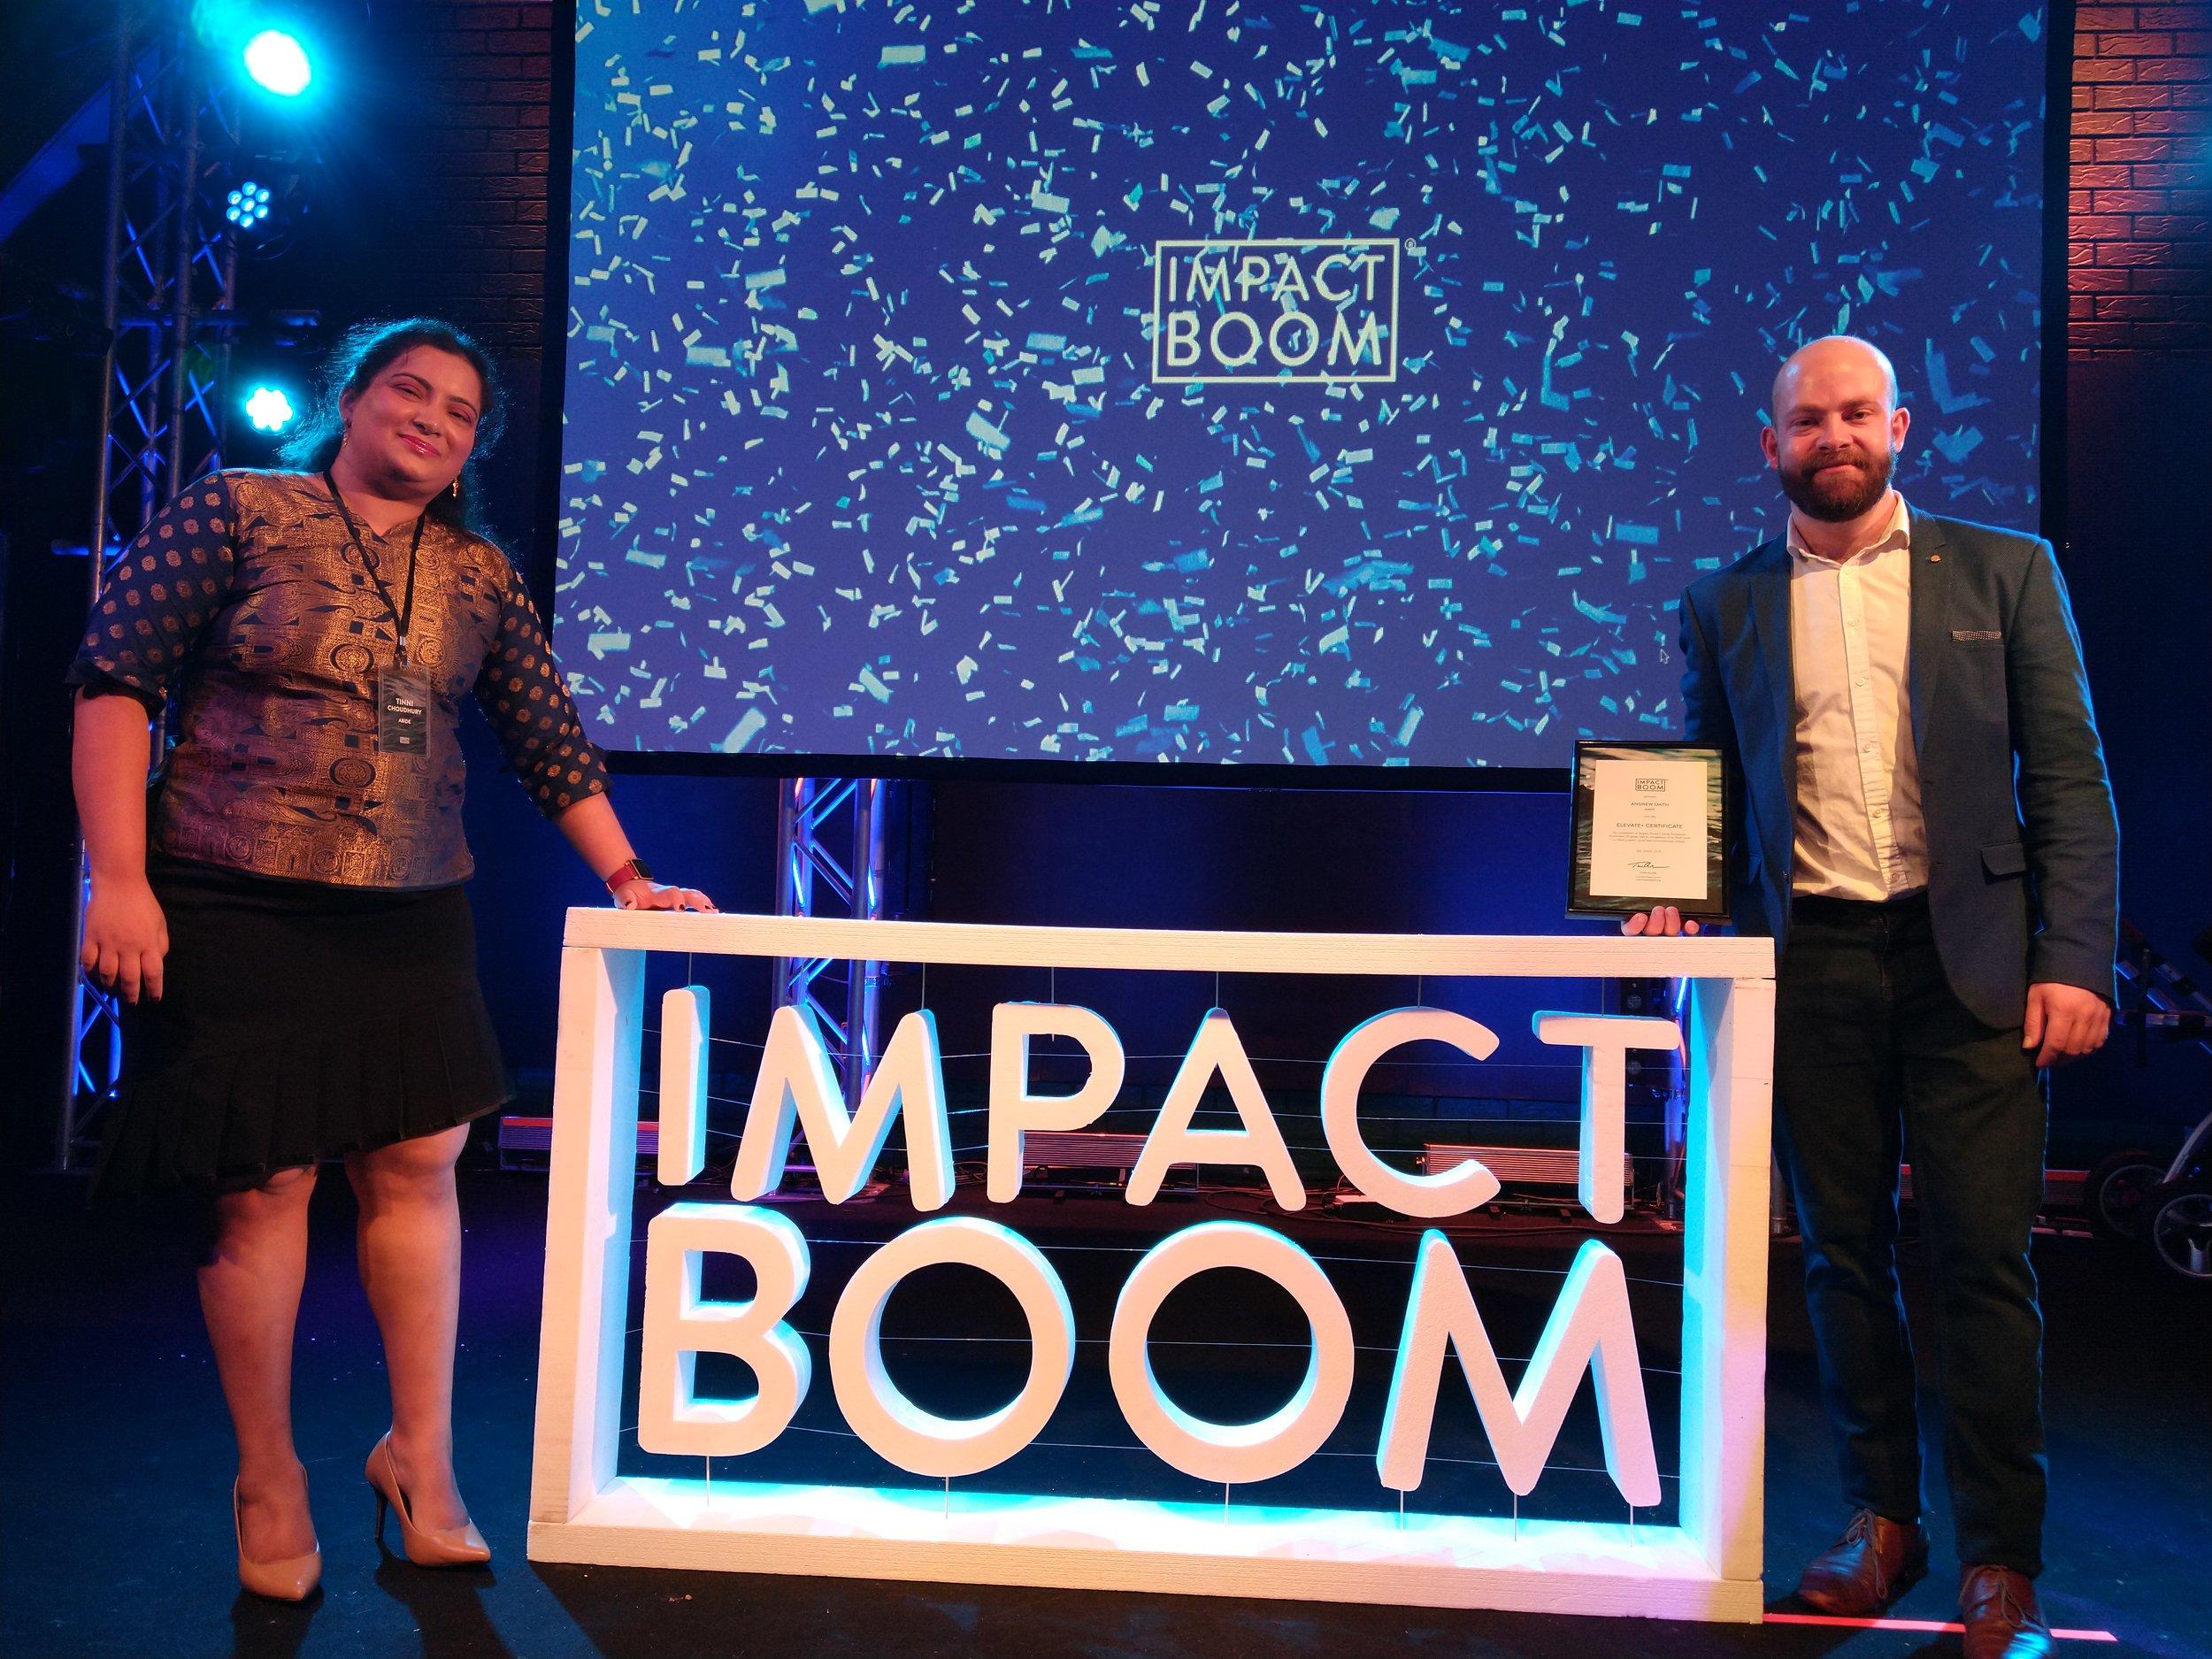 Abide: Final Pitch Impact Boom Elevate+